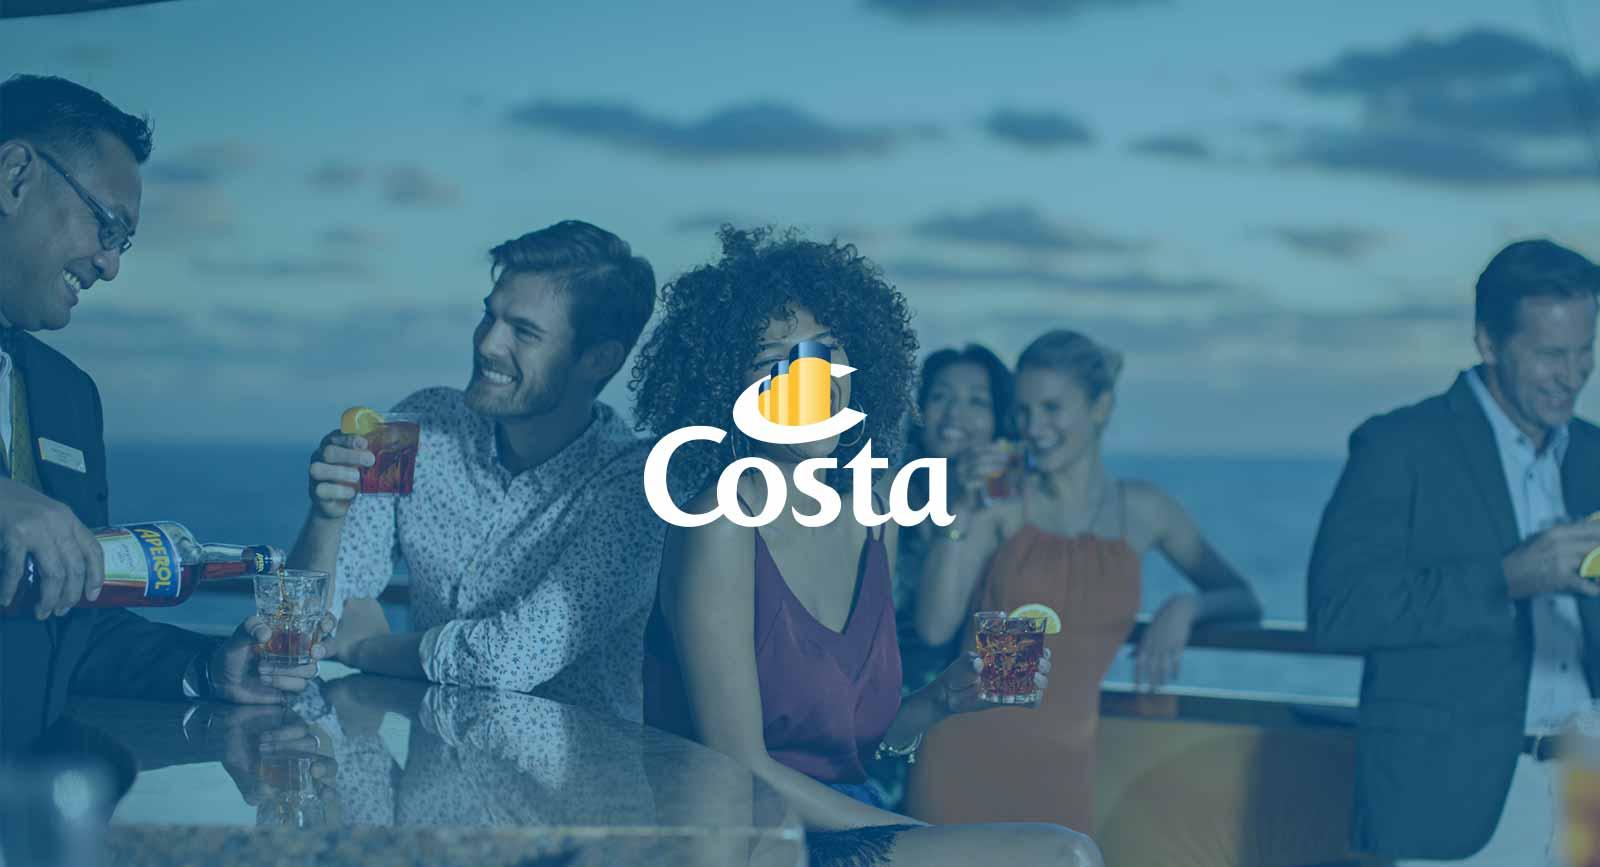 Sviluppo frontend per Costa Crociere